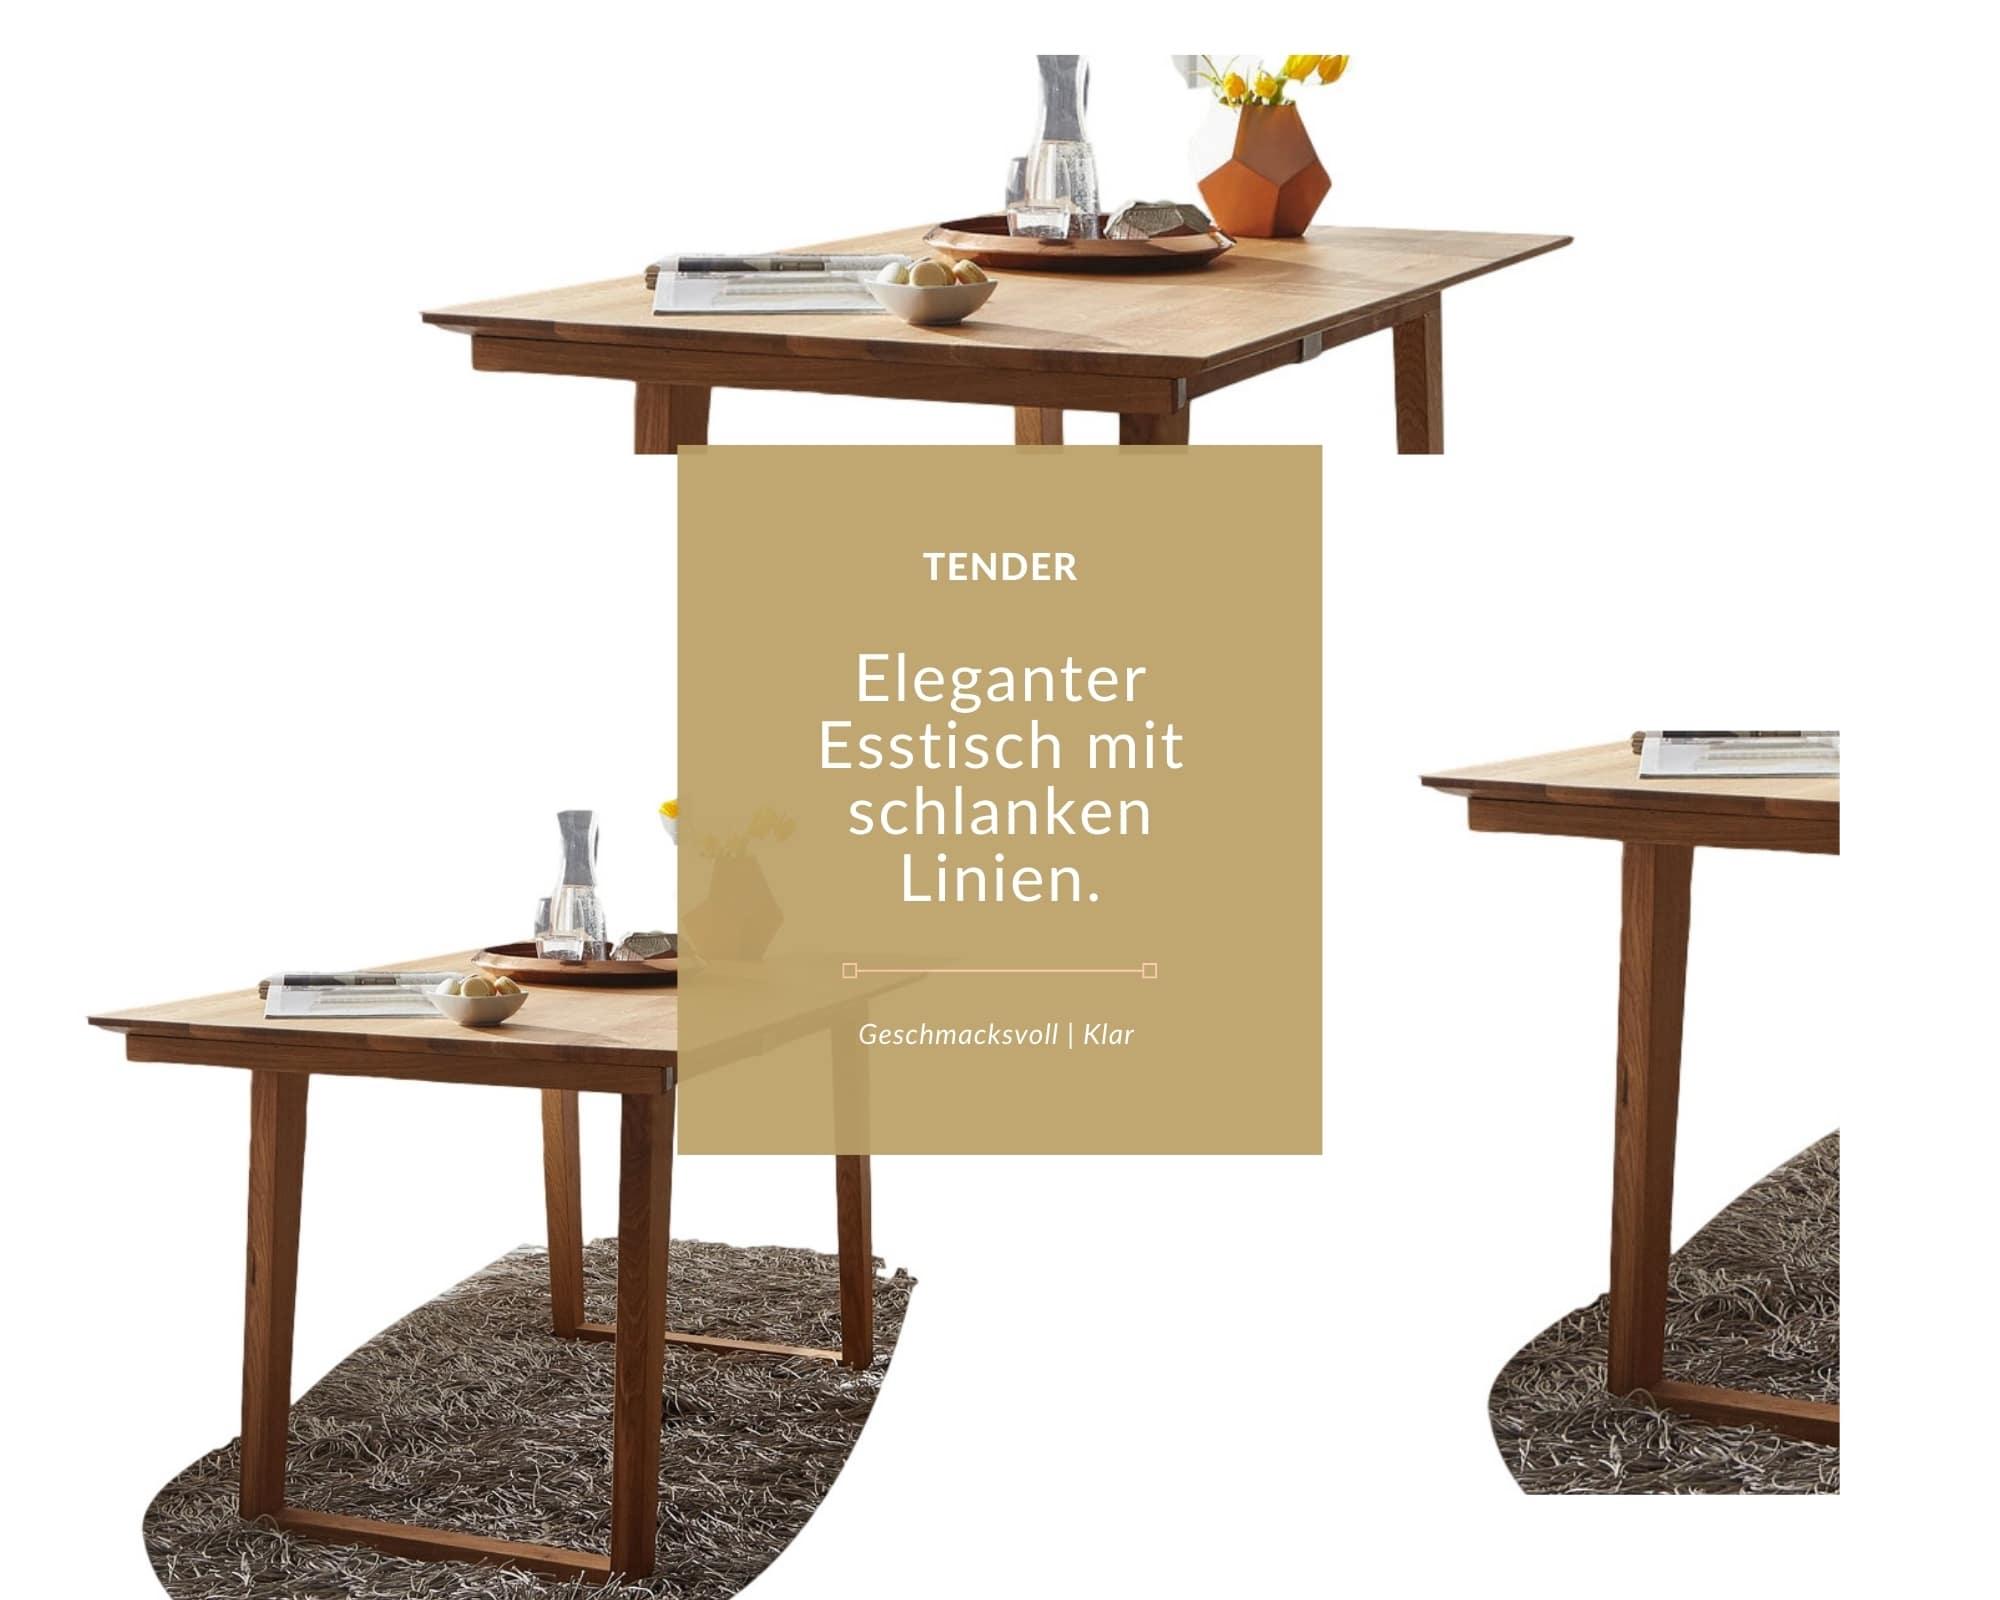 schlanker esstisch aus massivholz mit designer tischgestell